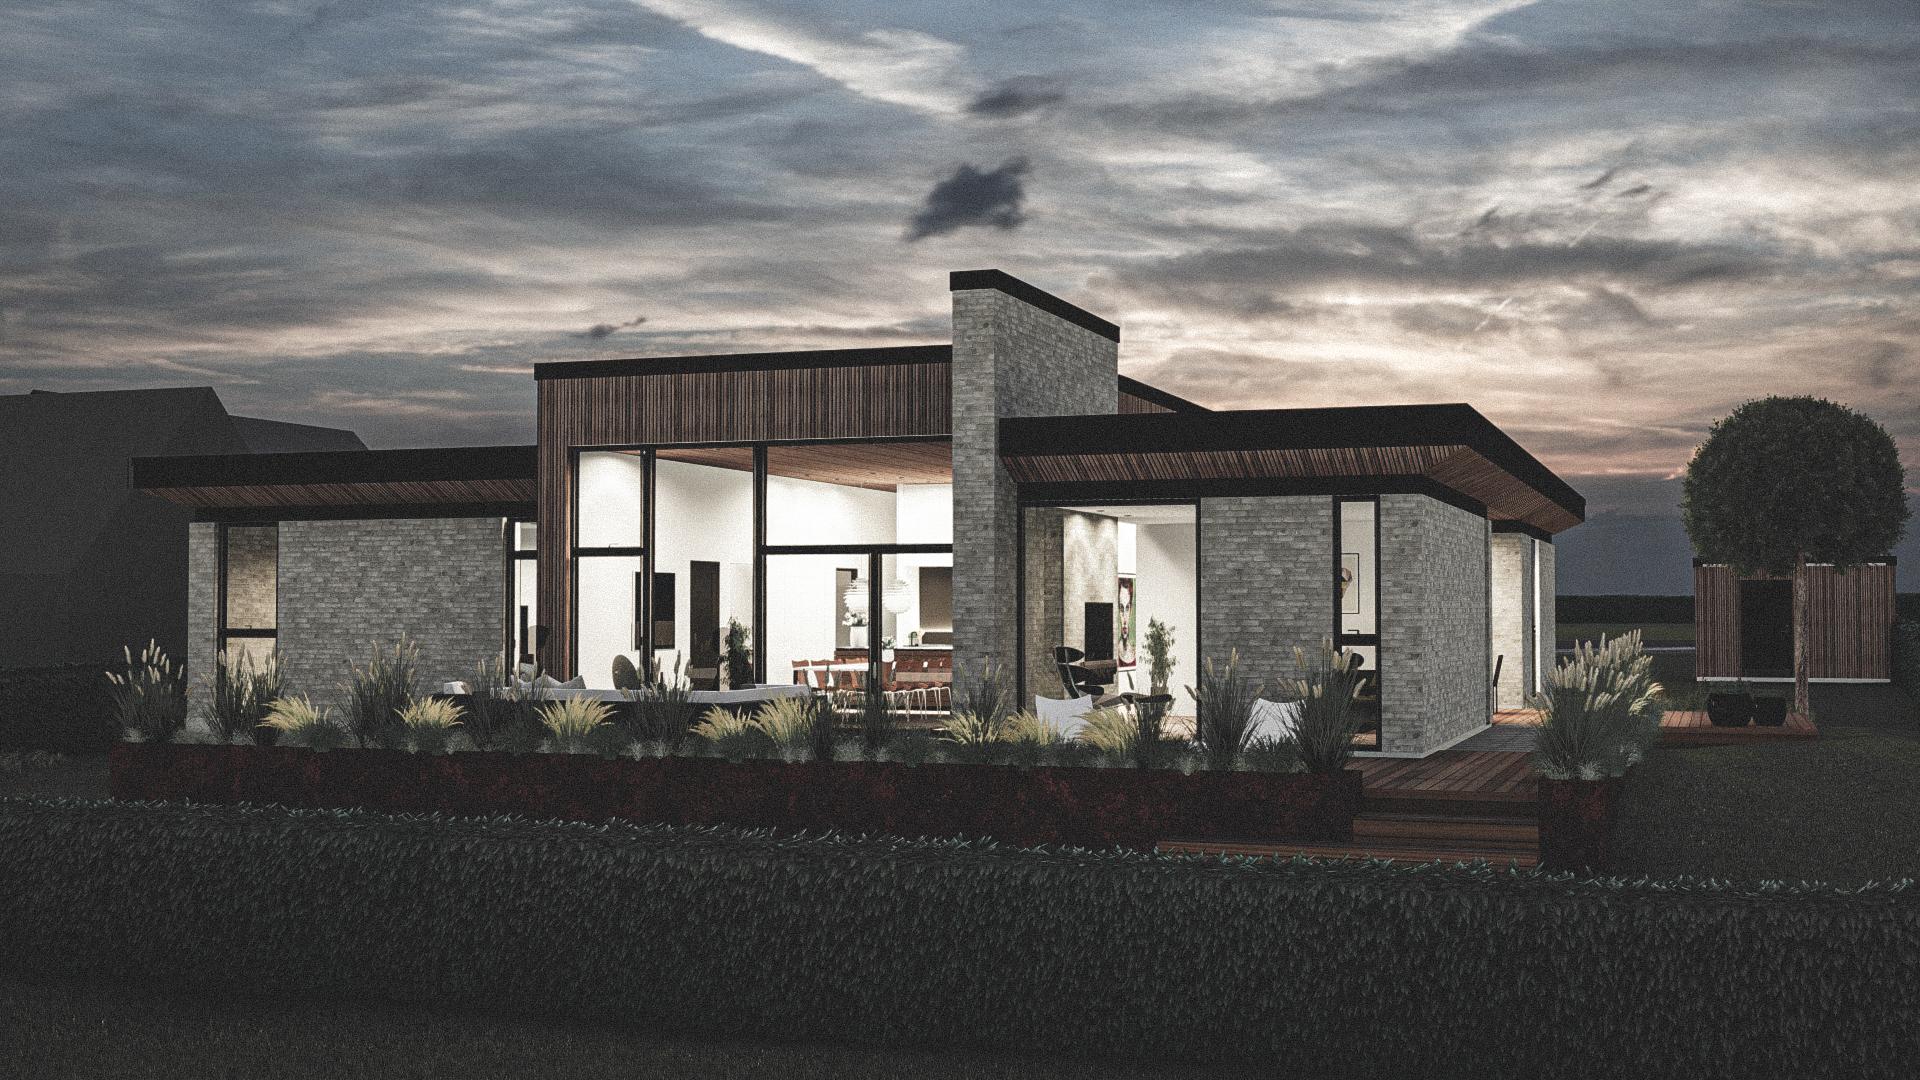 Billede af et arkitekt tegnet projektforslag af ny drømme villa i Langeskov, af det danske arkitektfirma m2plus